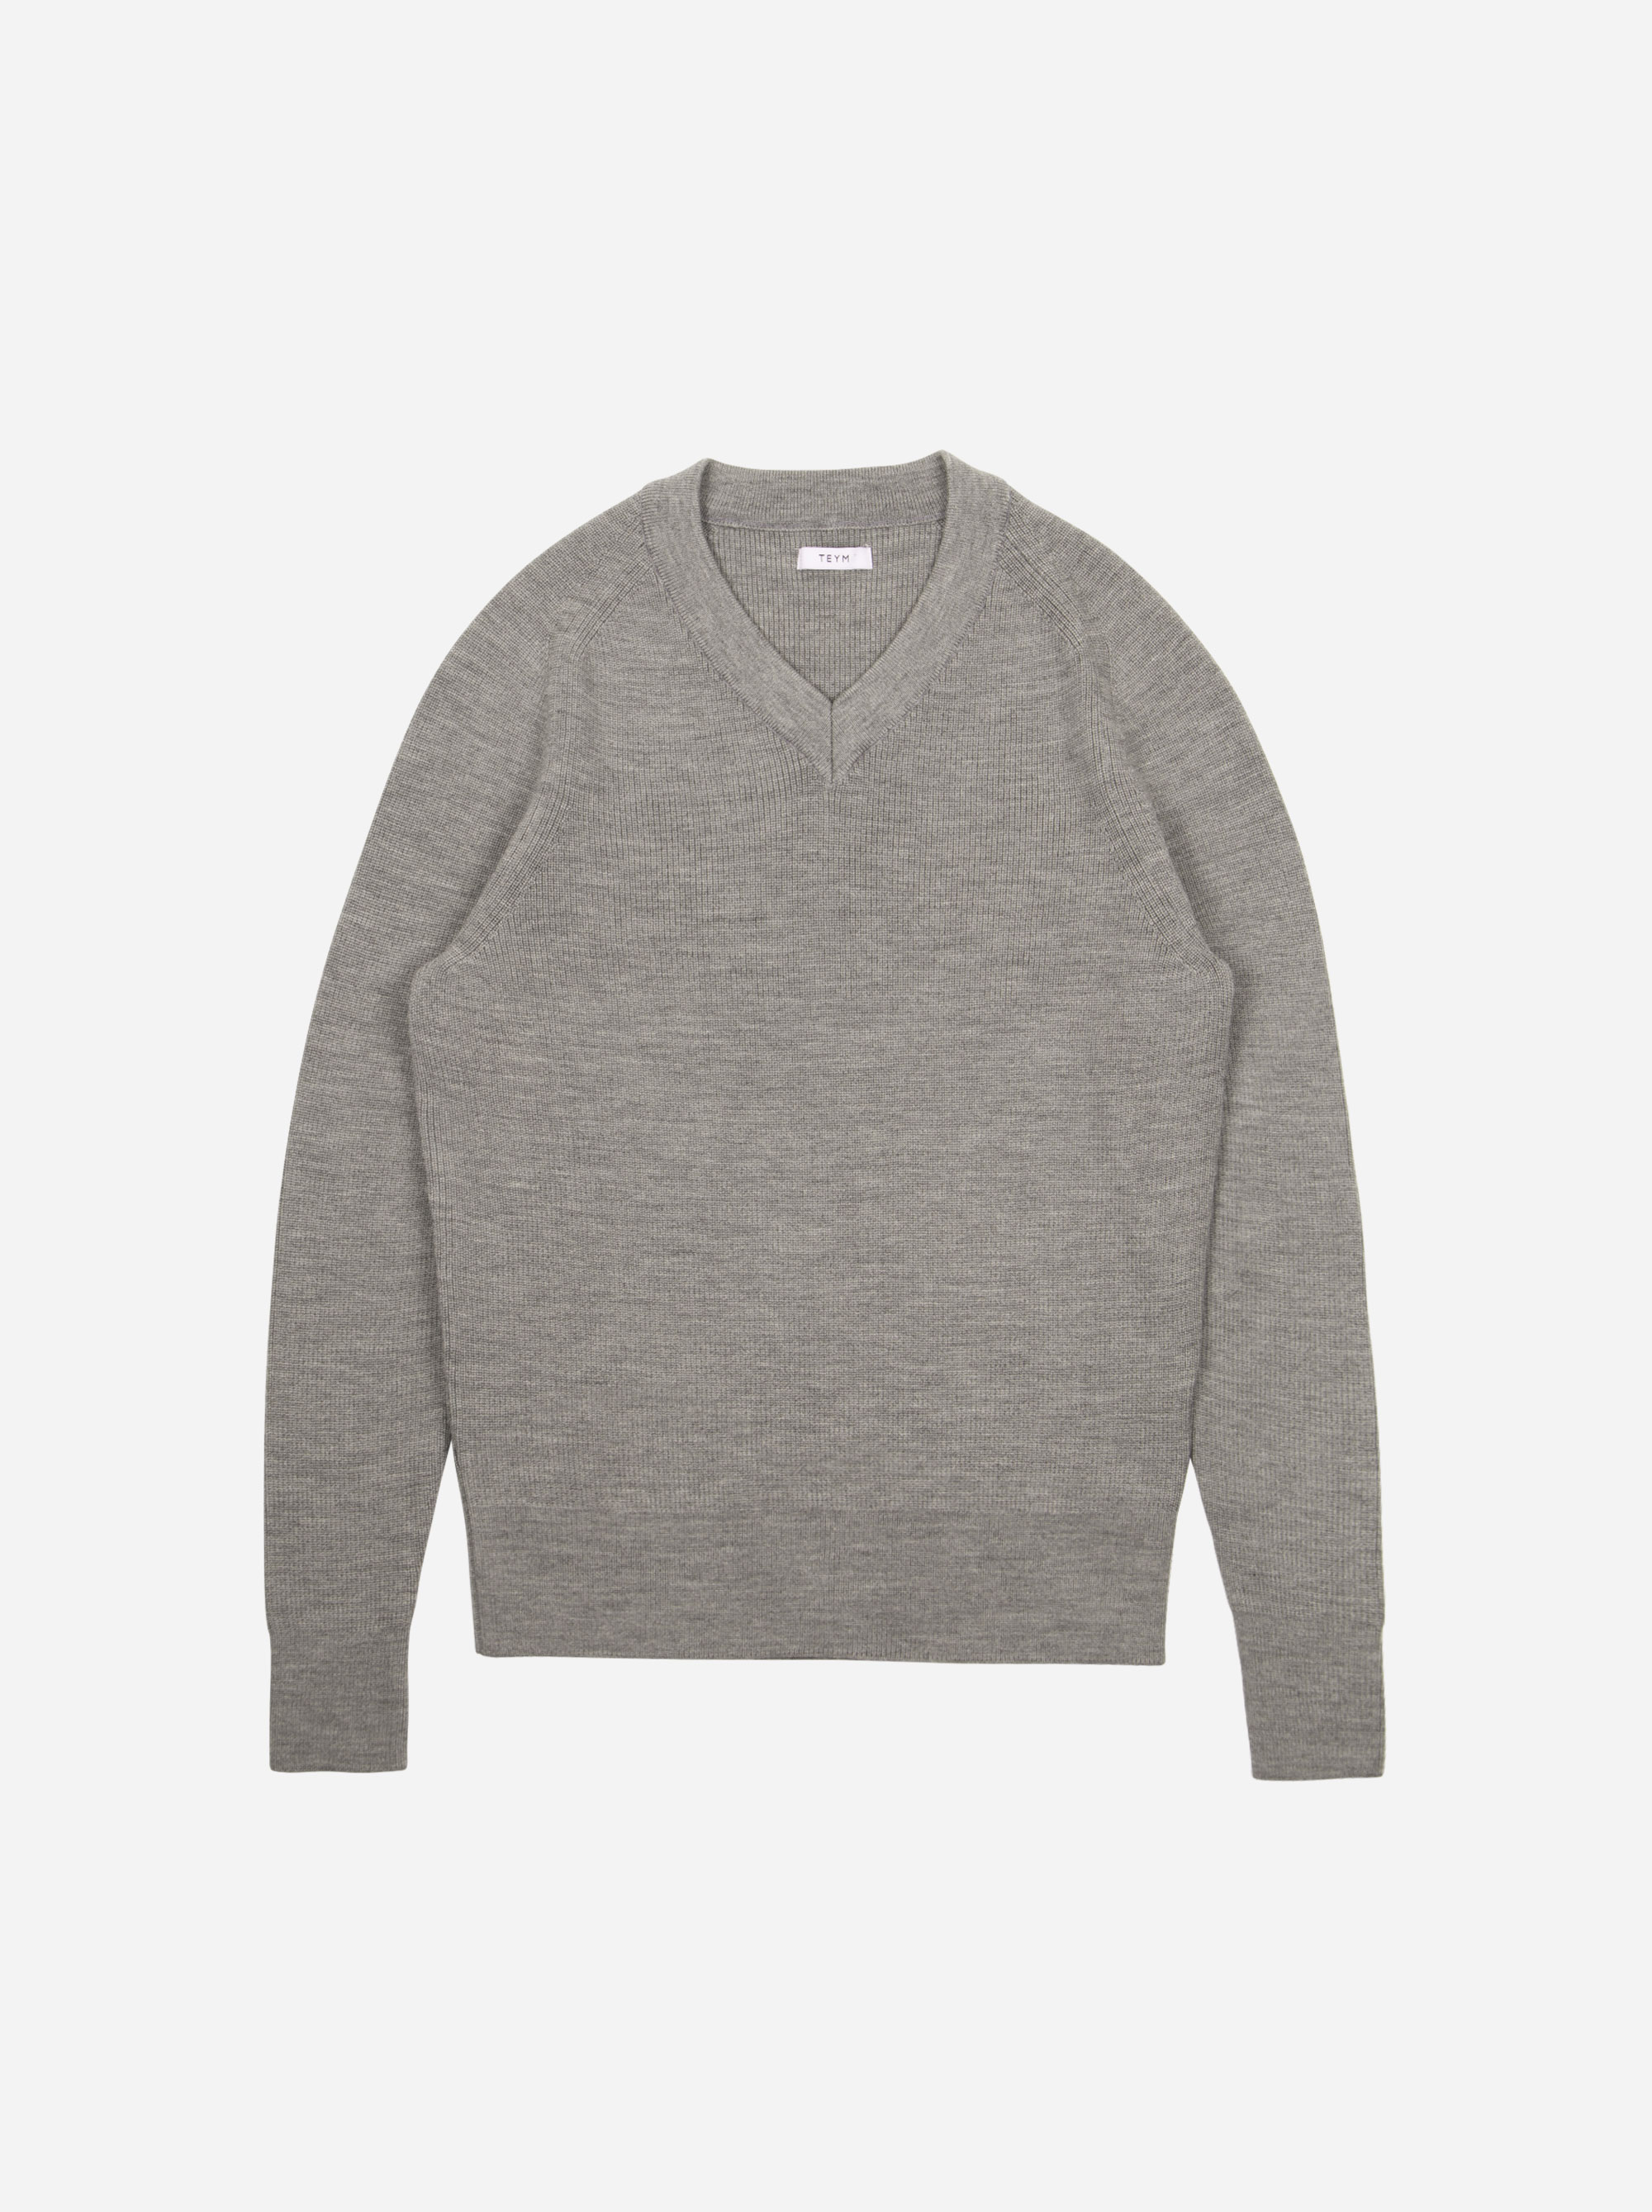 Teym - V-Neck - The Merino Sweater - Women - Grey - 5